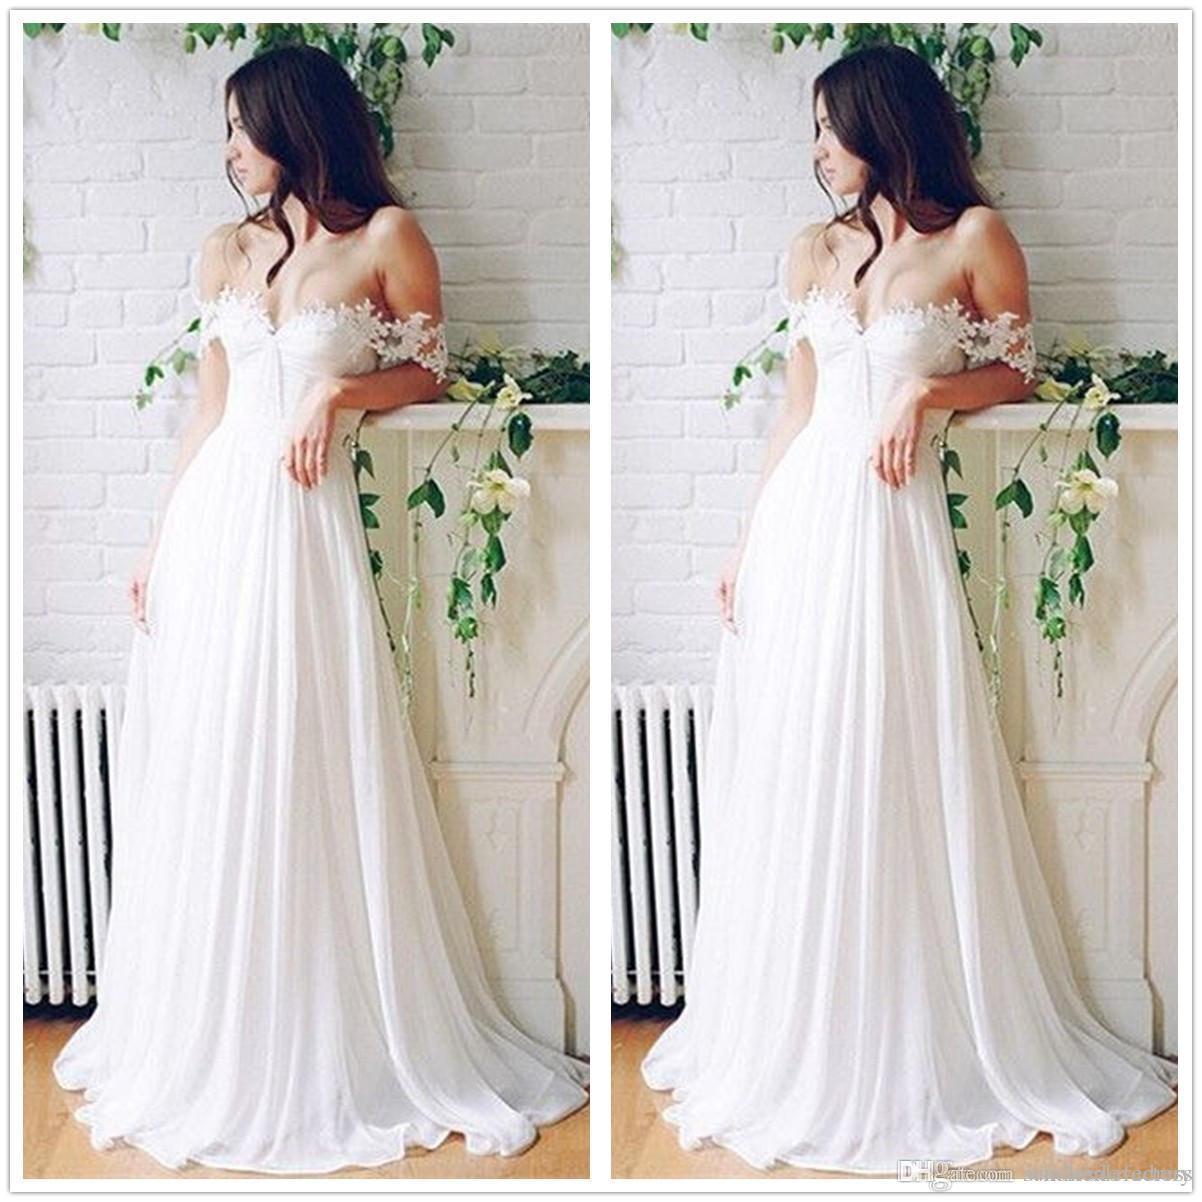 2017 Spring Summer Boho Wedding Dresses f Shoulder